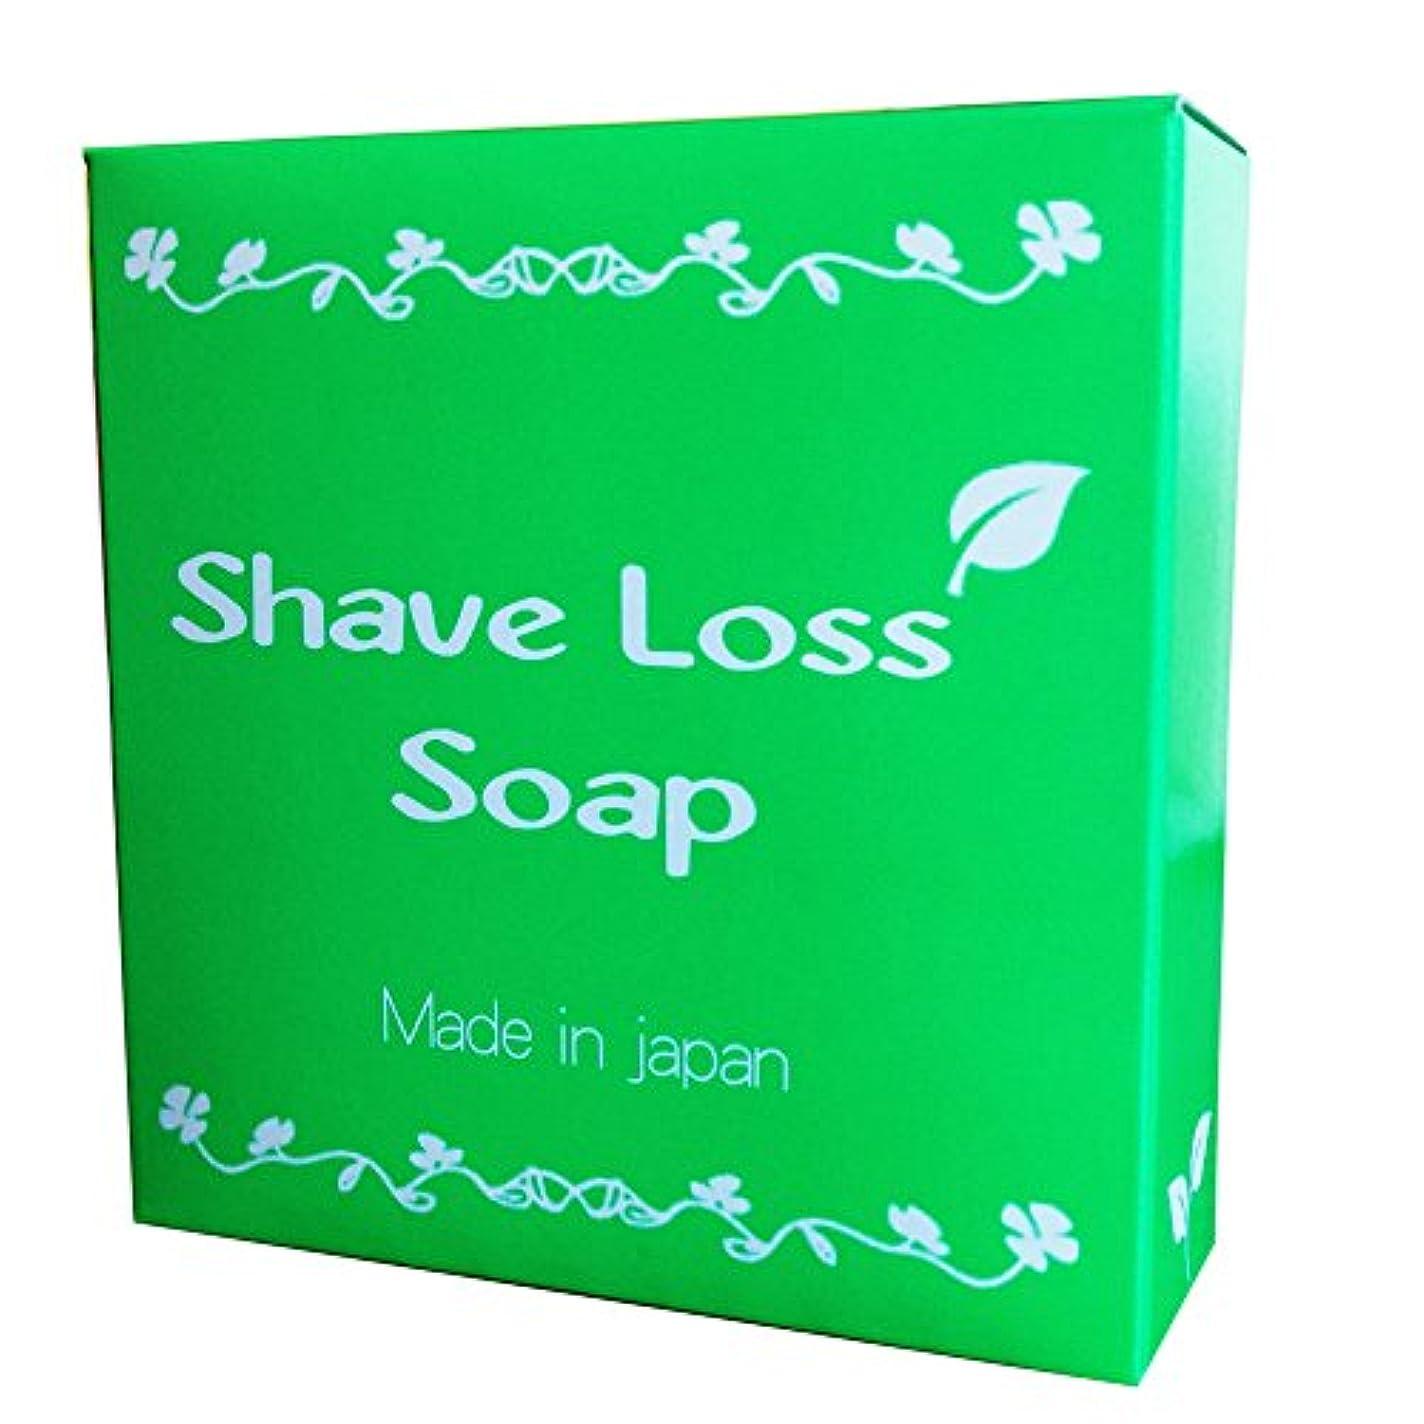 調和のとれた測る味方Shave Loss Soap 女性のツルツルを叶える 奇跡の石鹸 80g (1個)